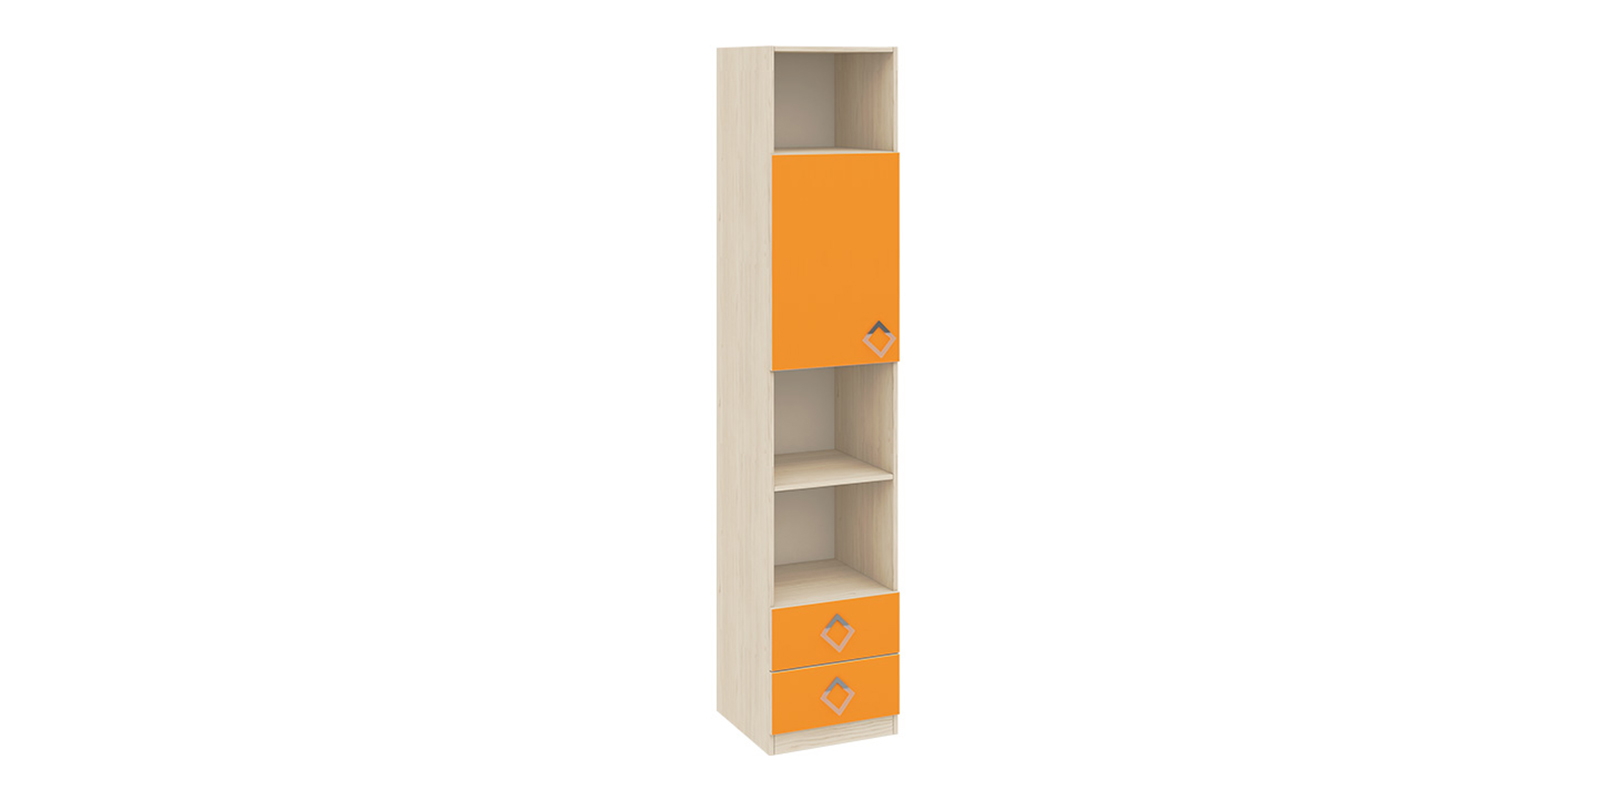 Шкаф распашной однодверный Салоу вариант №1 (каттхилт/манго)